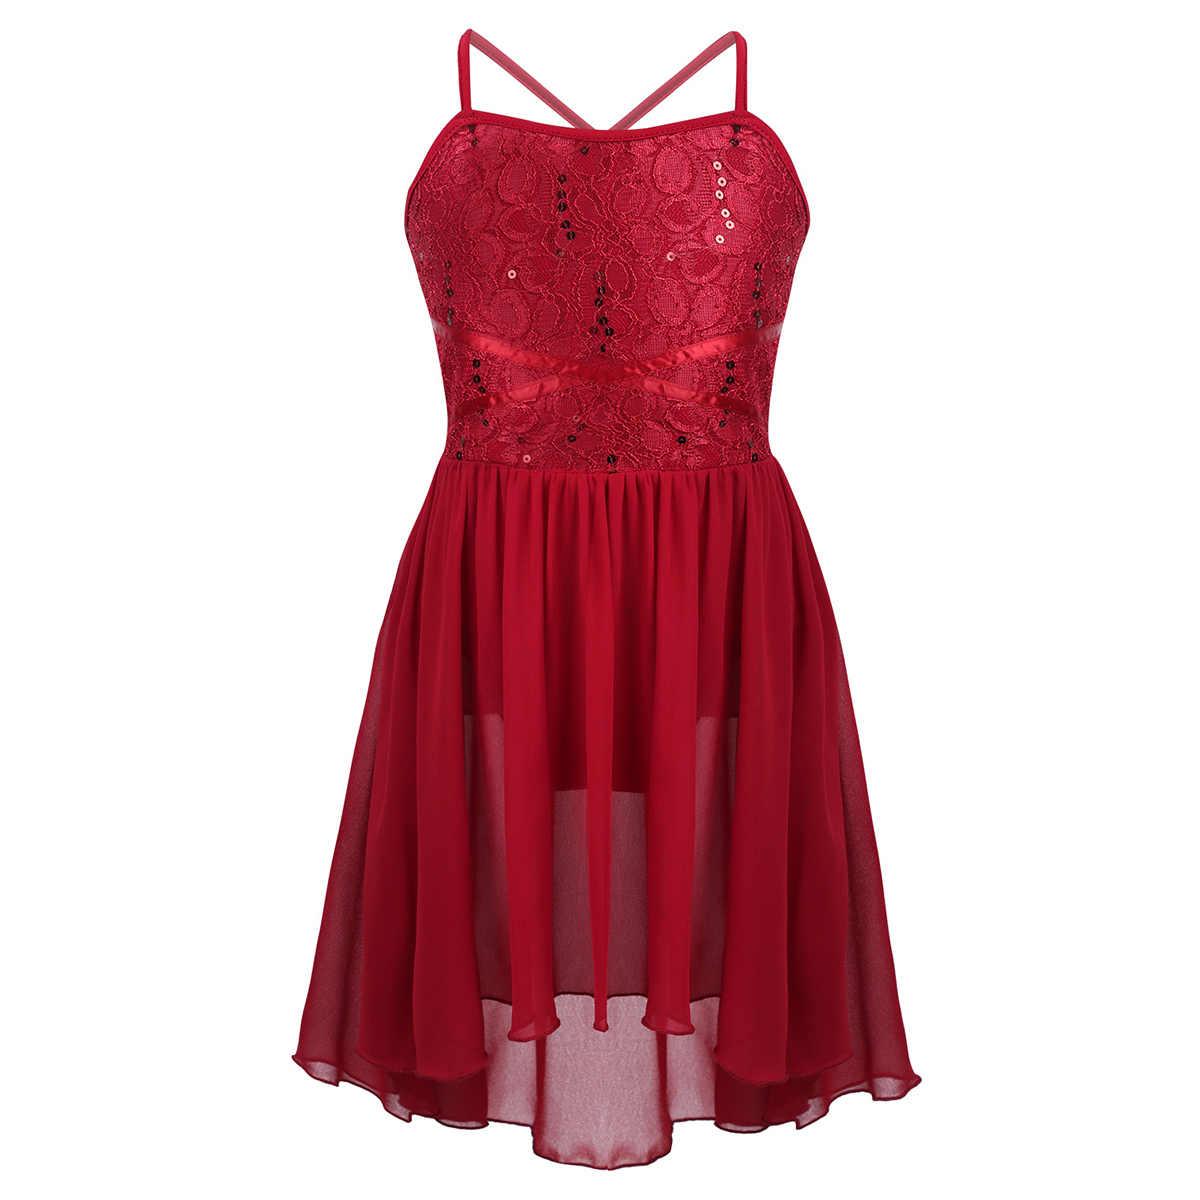 Çocuk kız bale pullu dantel Leotard yüksek düşük Hem şifon elbise lirik dans kostümü Modern çağdaş balo salonu dans elbise